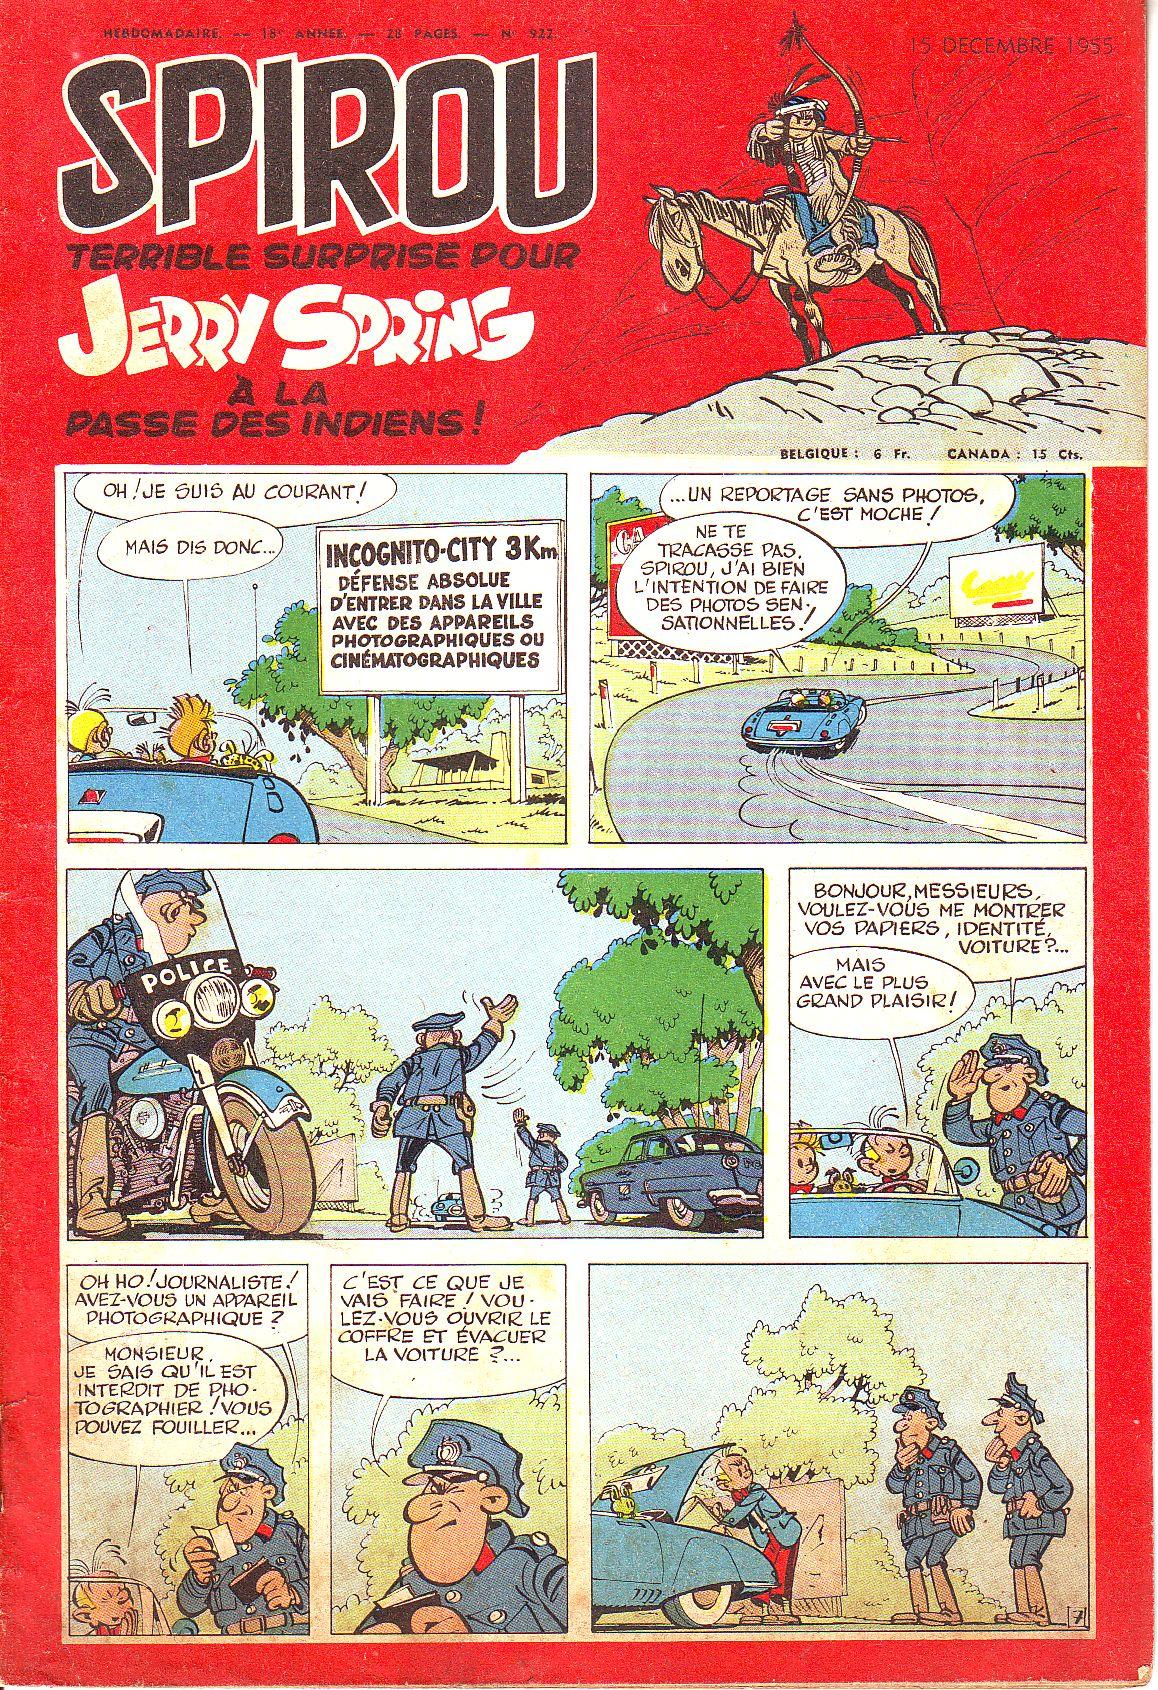 Le journal de Spirou 922